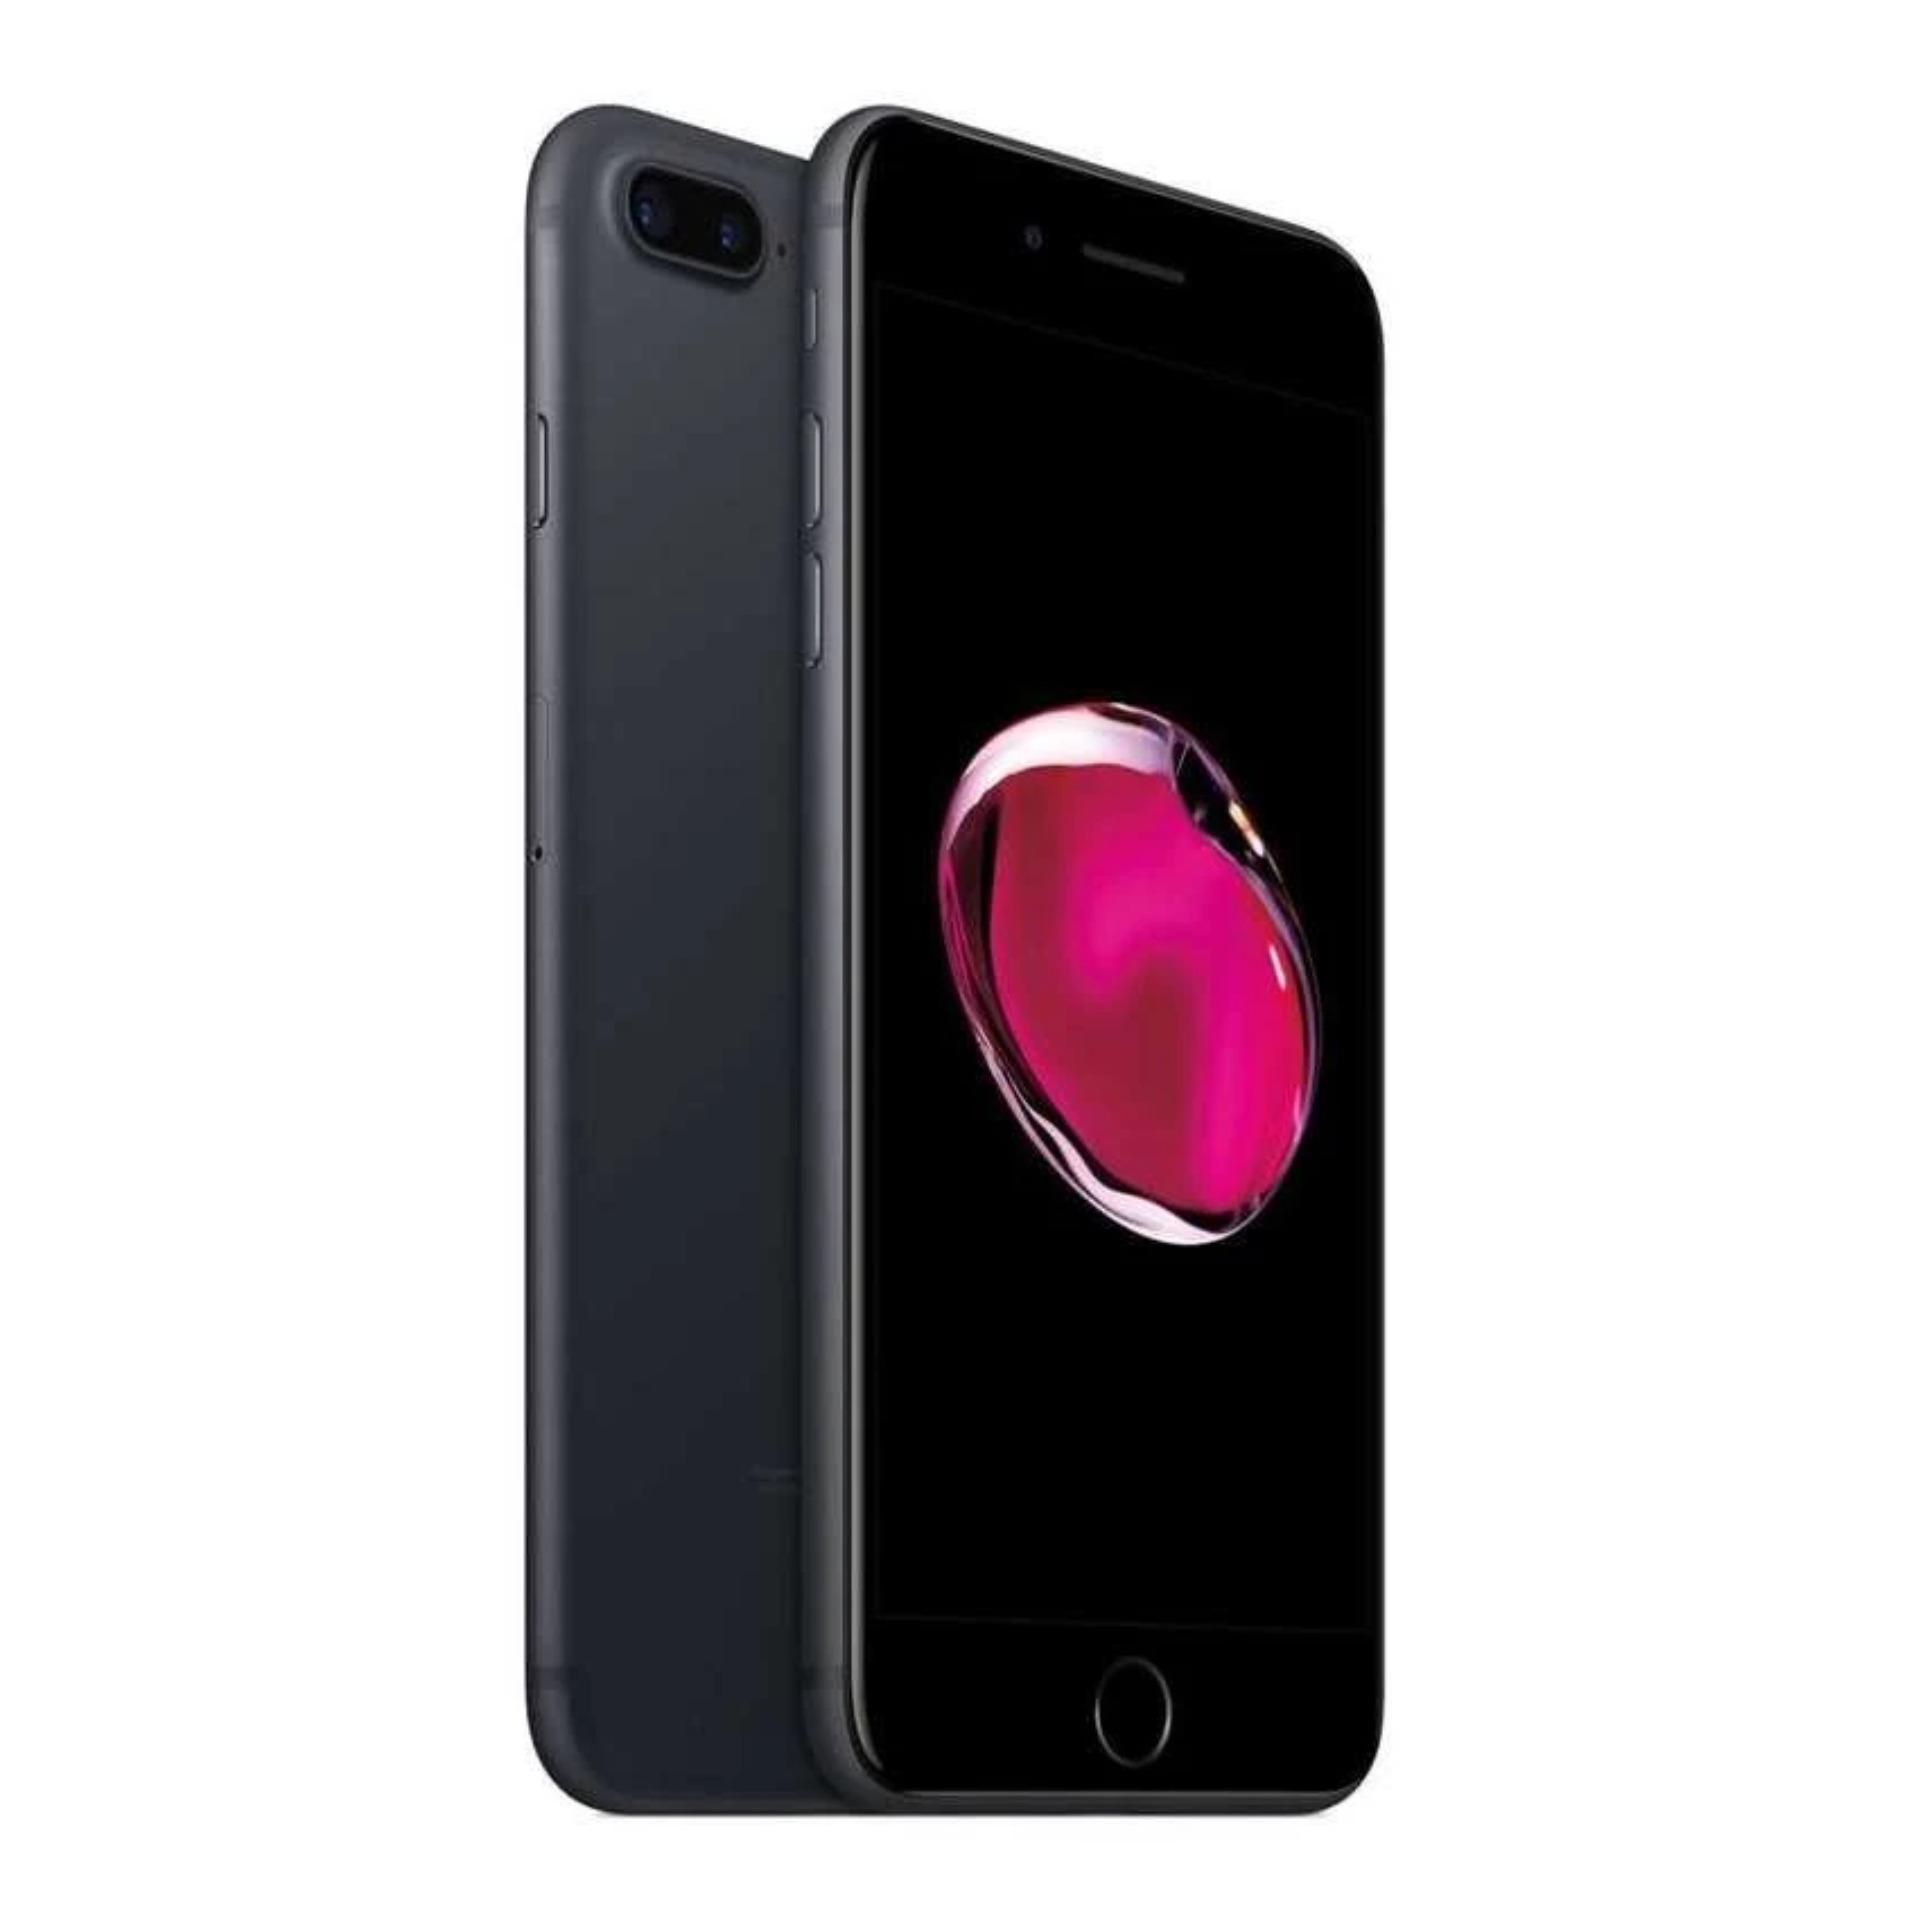 Mua Apple iPhone 7 Plus 32GB (Đen) – Hàng chính hãng mã VN/A Tại HT-store